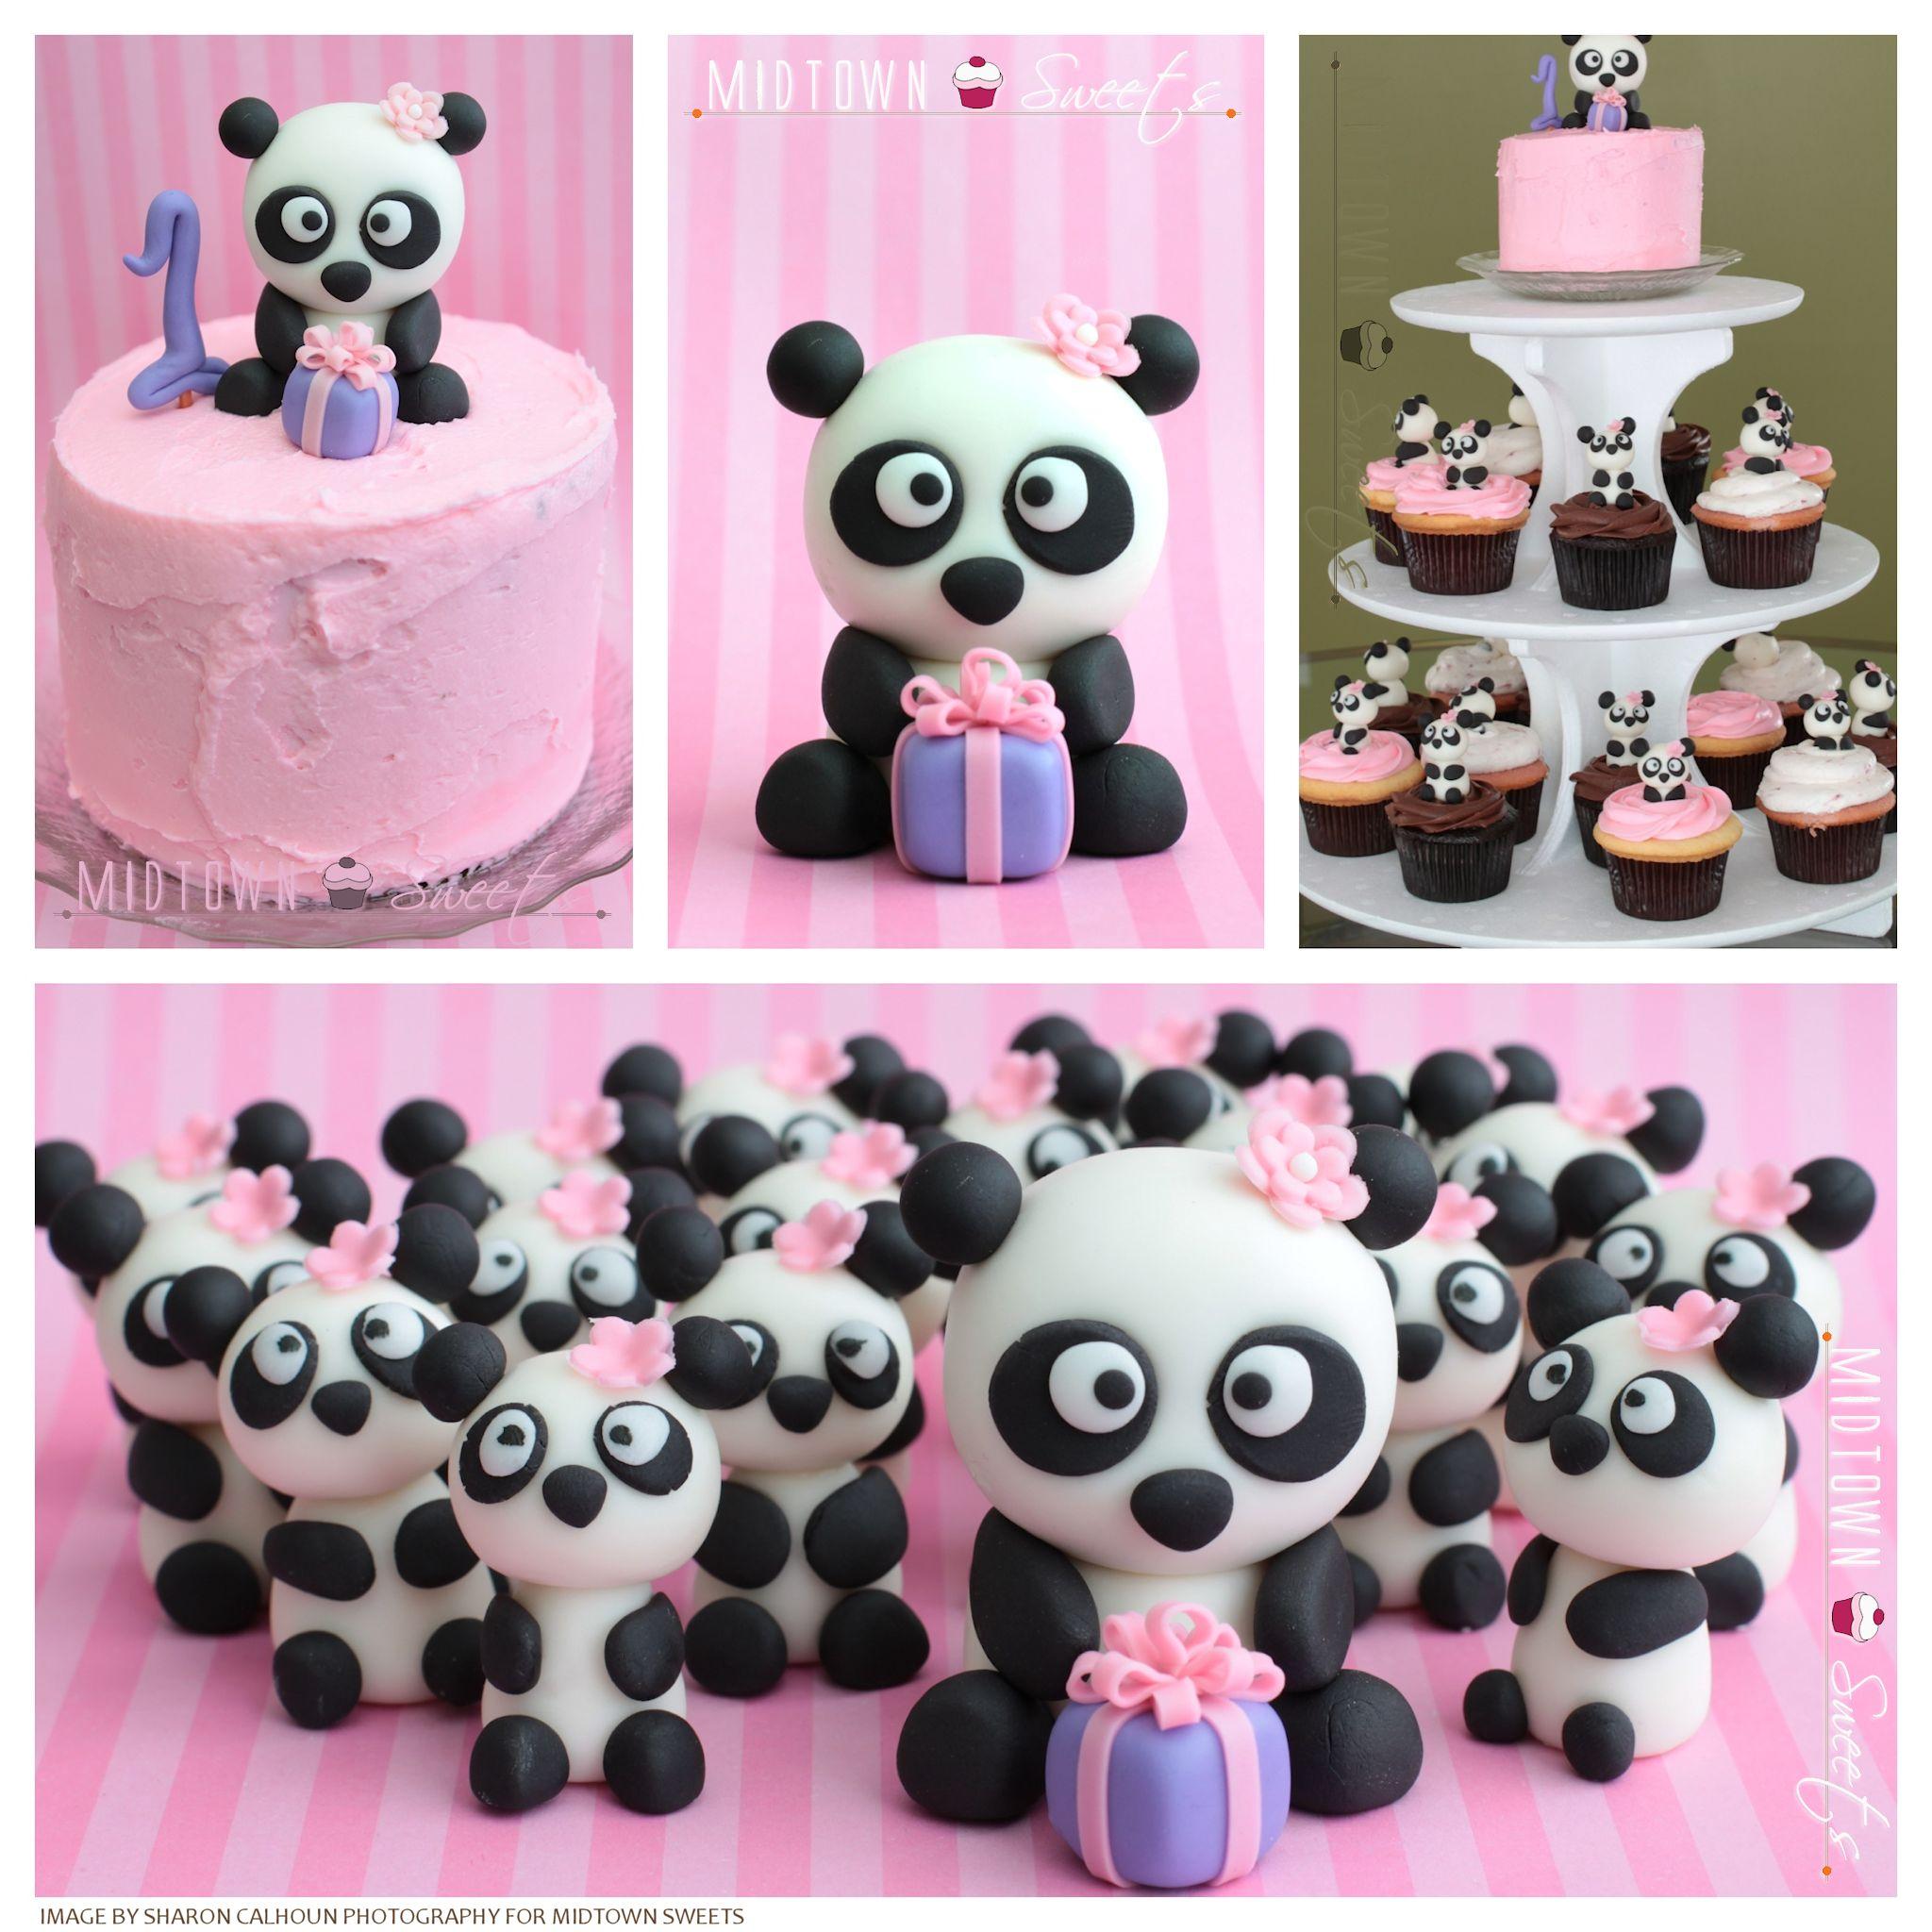 Panda Cupcake Birthday Cakes